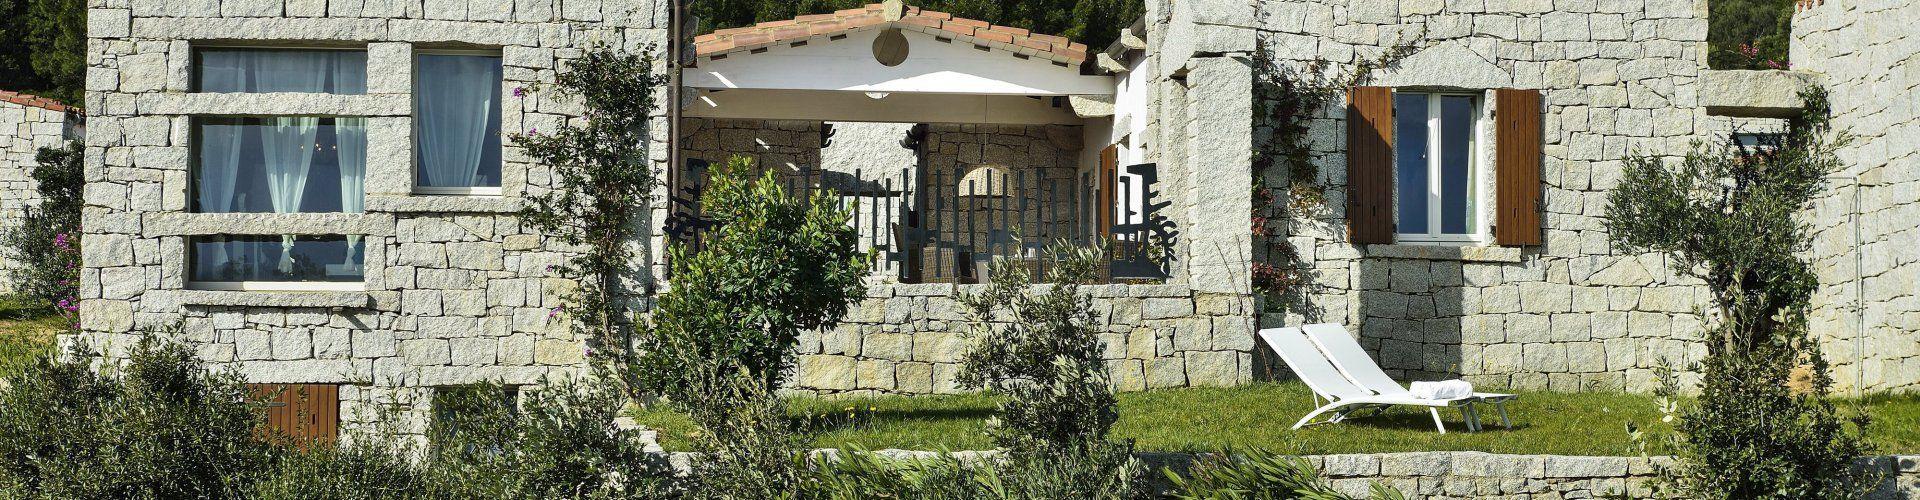 Ferienvilla mit Gemeinschaftspool in Cala Sinzias